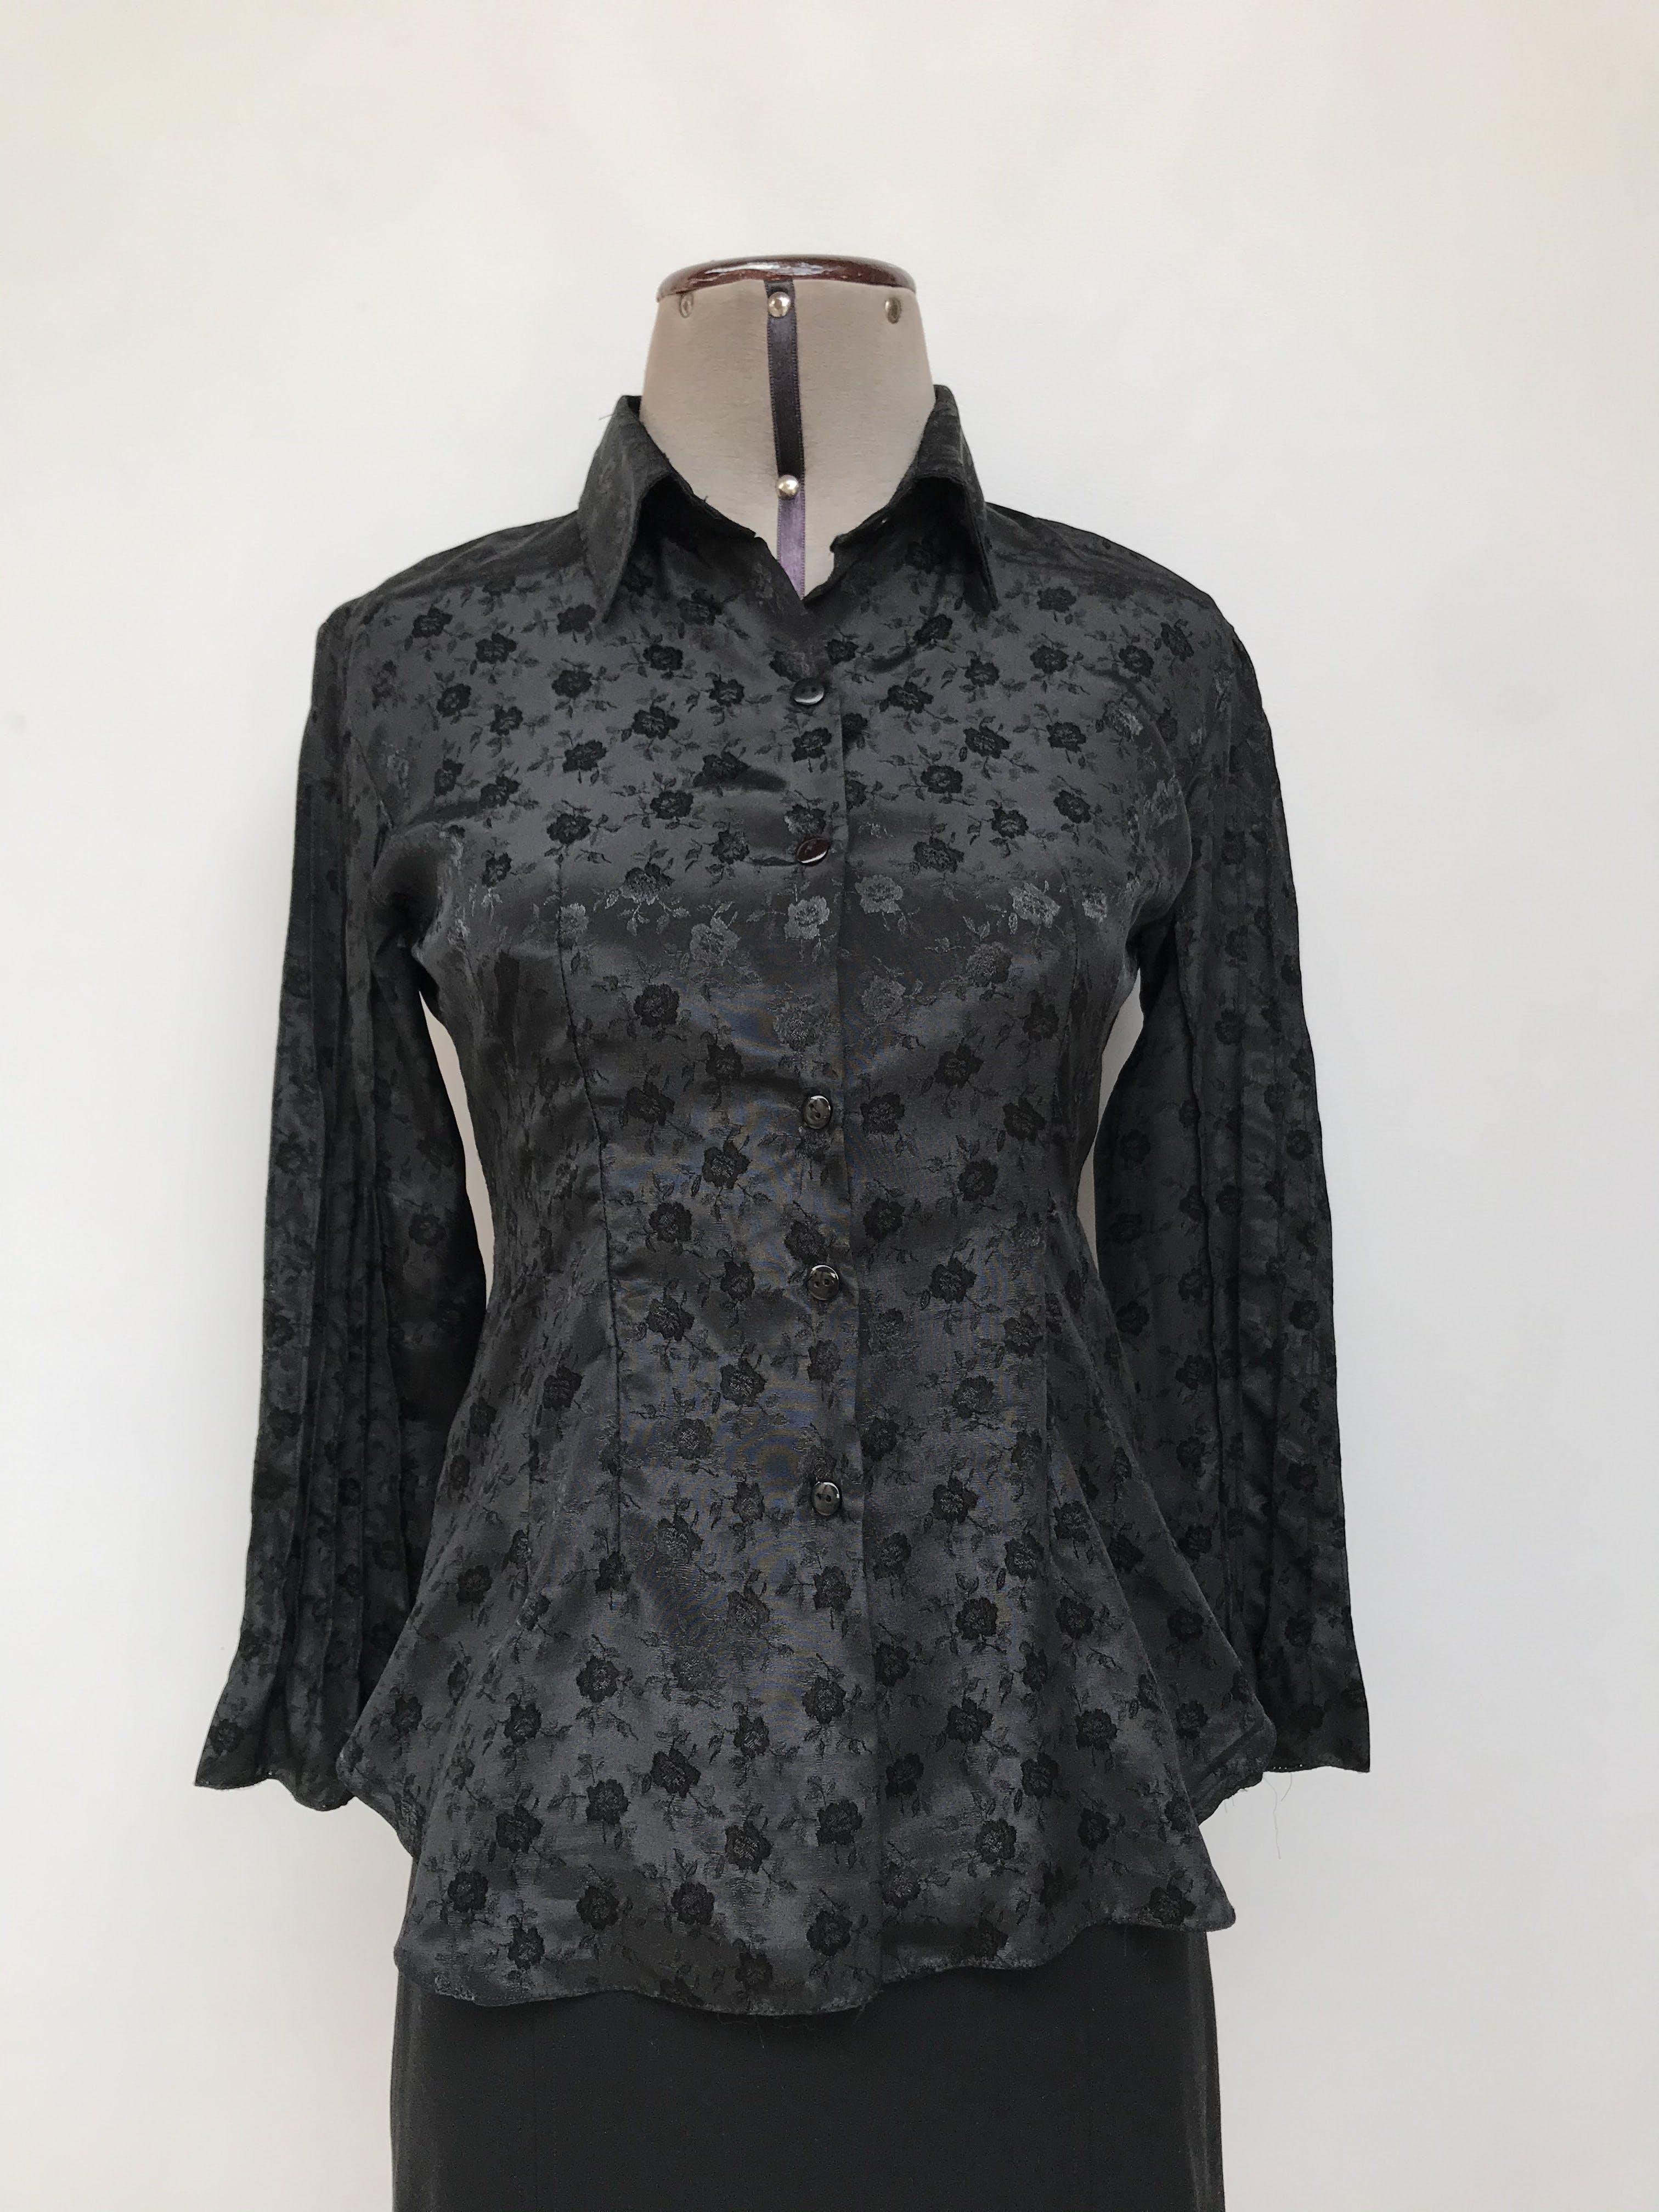 Blusa negra con brocado de flores al tono, camisera con botones, pinzas y costuras en relieve en mangas Talla S